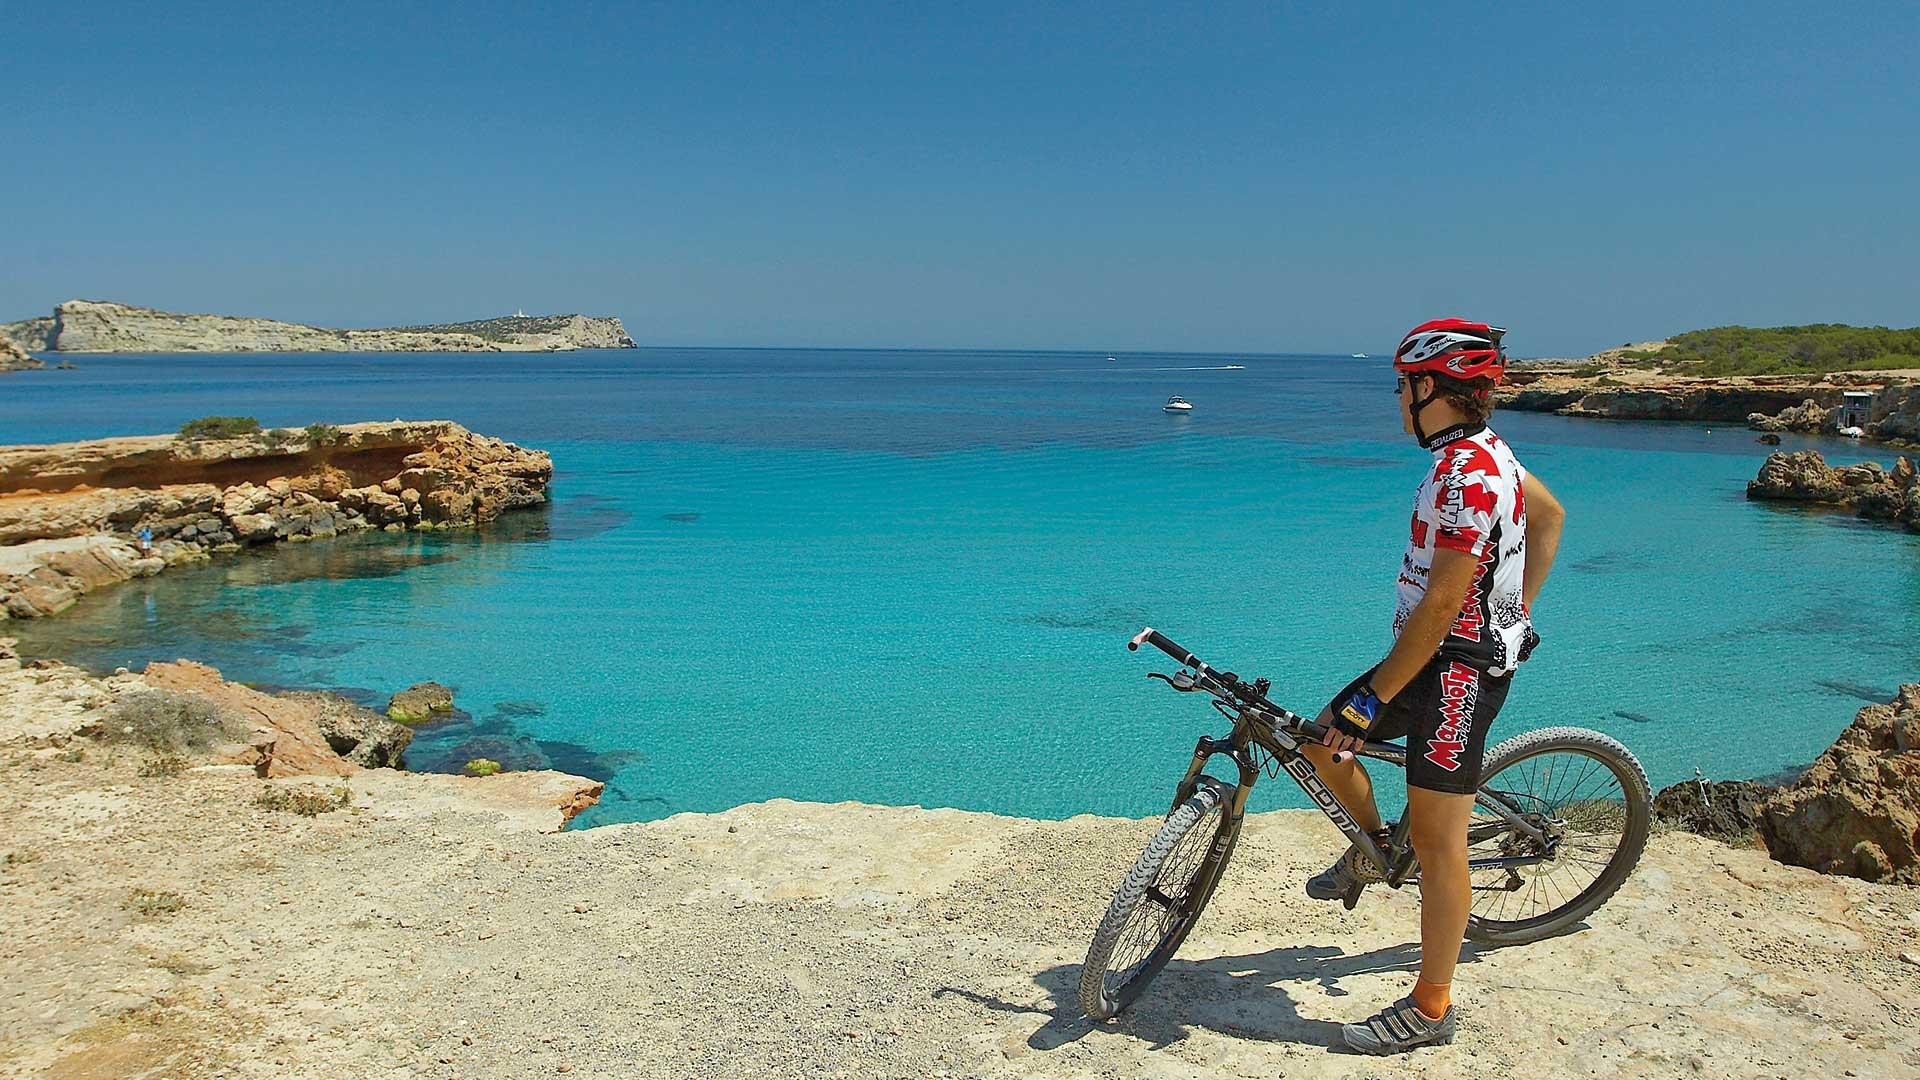 Imagen  Das andere Gesicht Ibizas: mit dem Rad